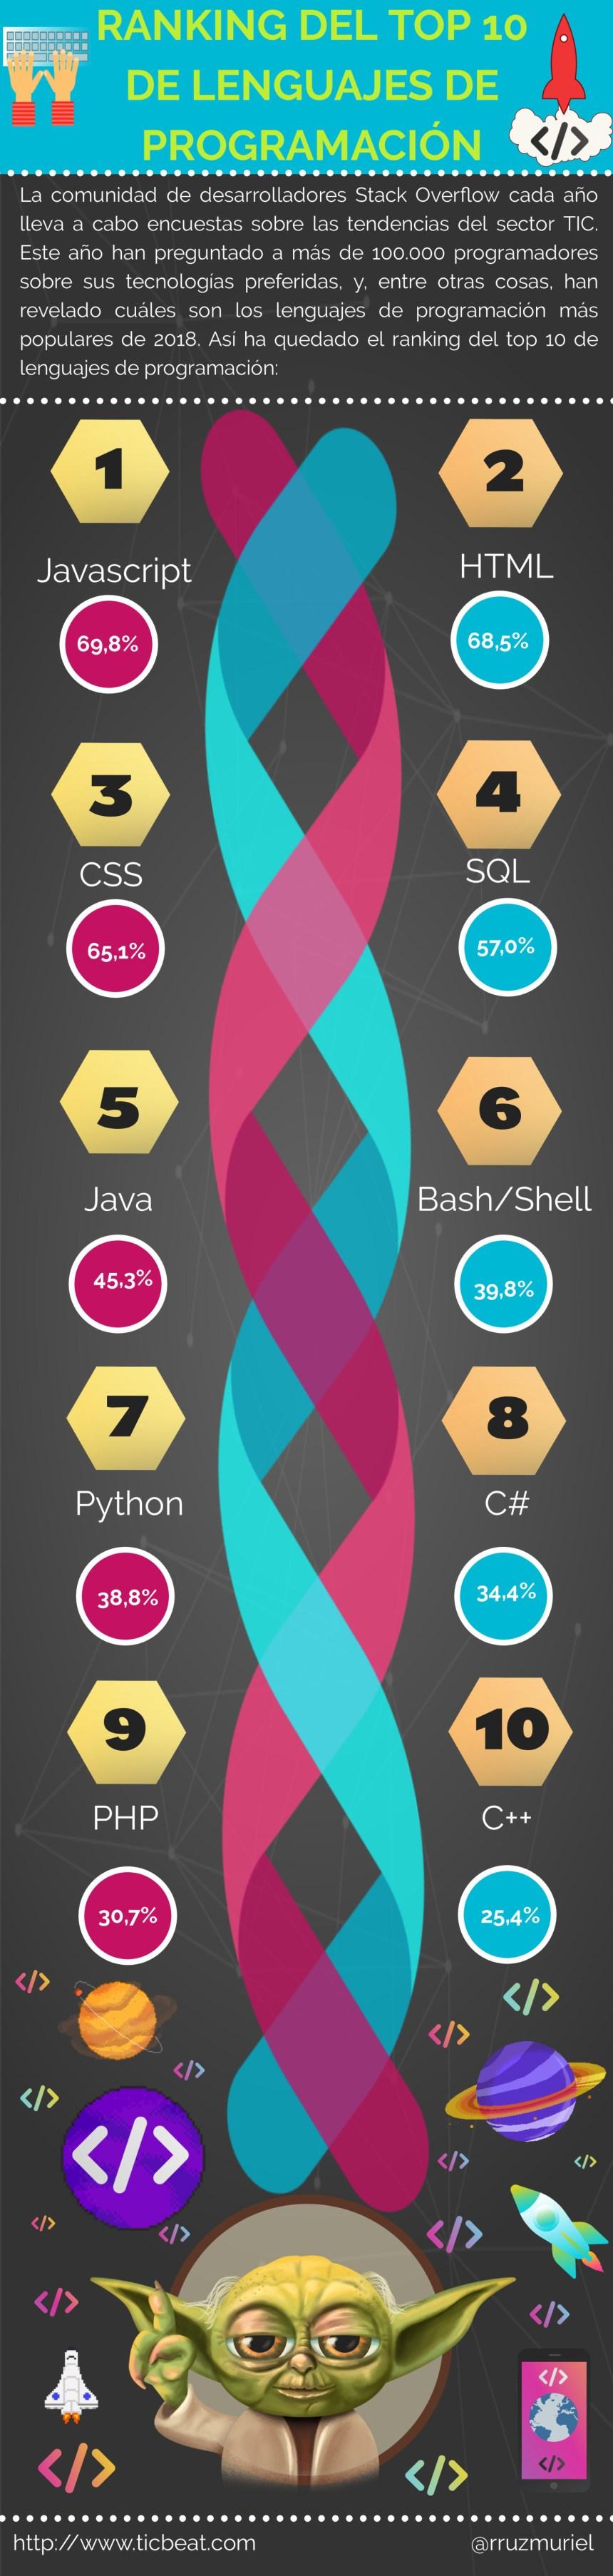 Top 10 lenguajes de programación